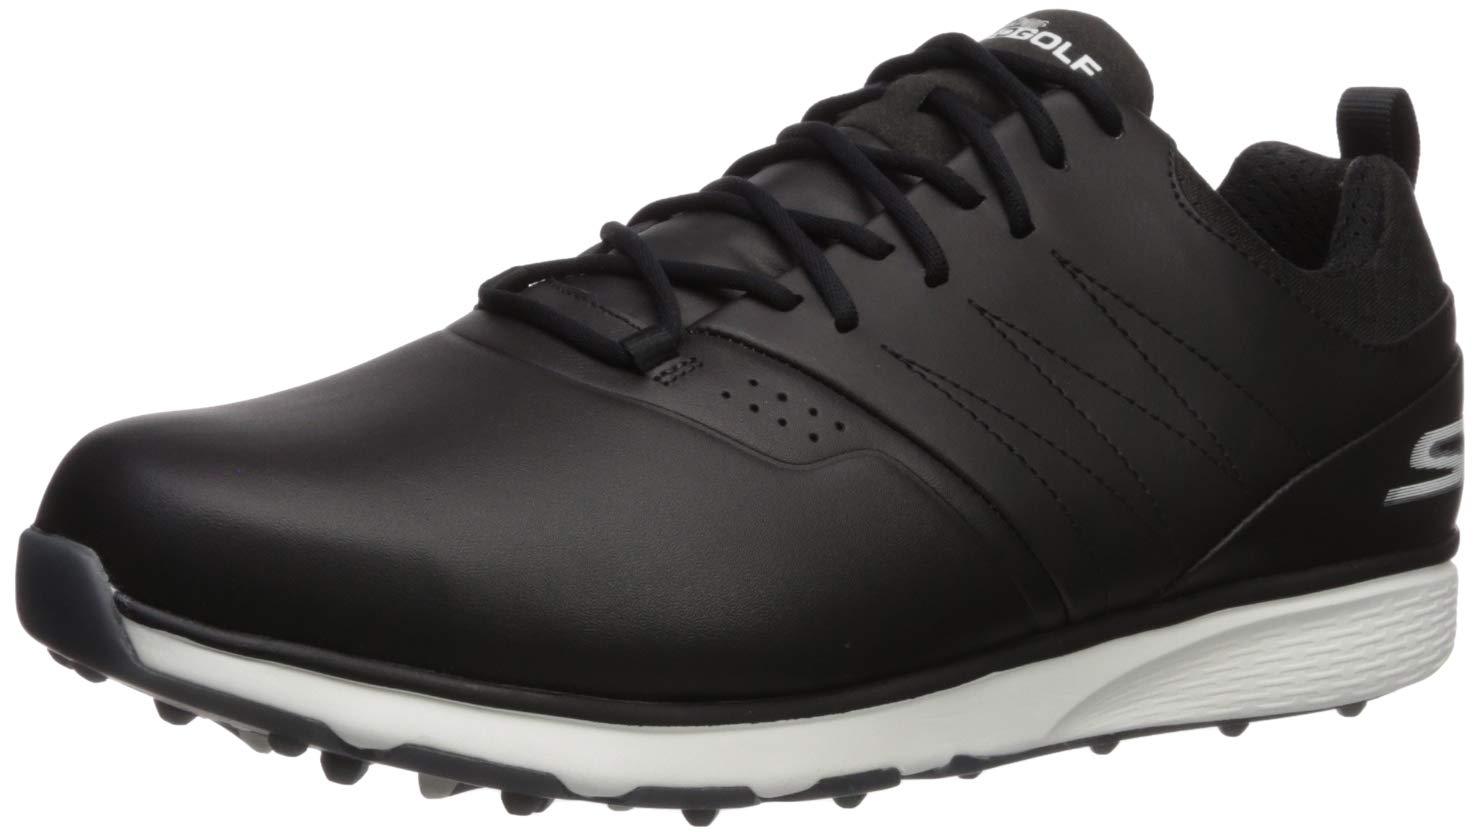 Skechers Men's Mojo Waterproof Golf Shoe, Black/Silver, 8 W US by Skechers